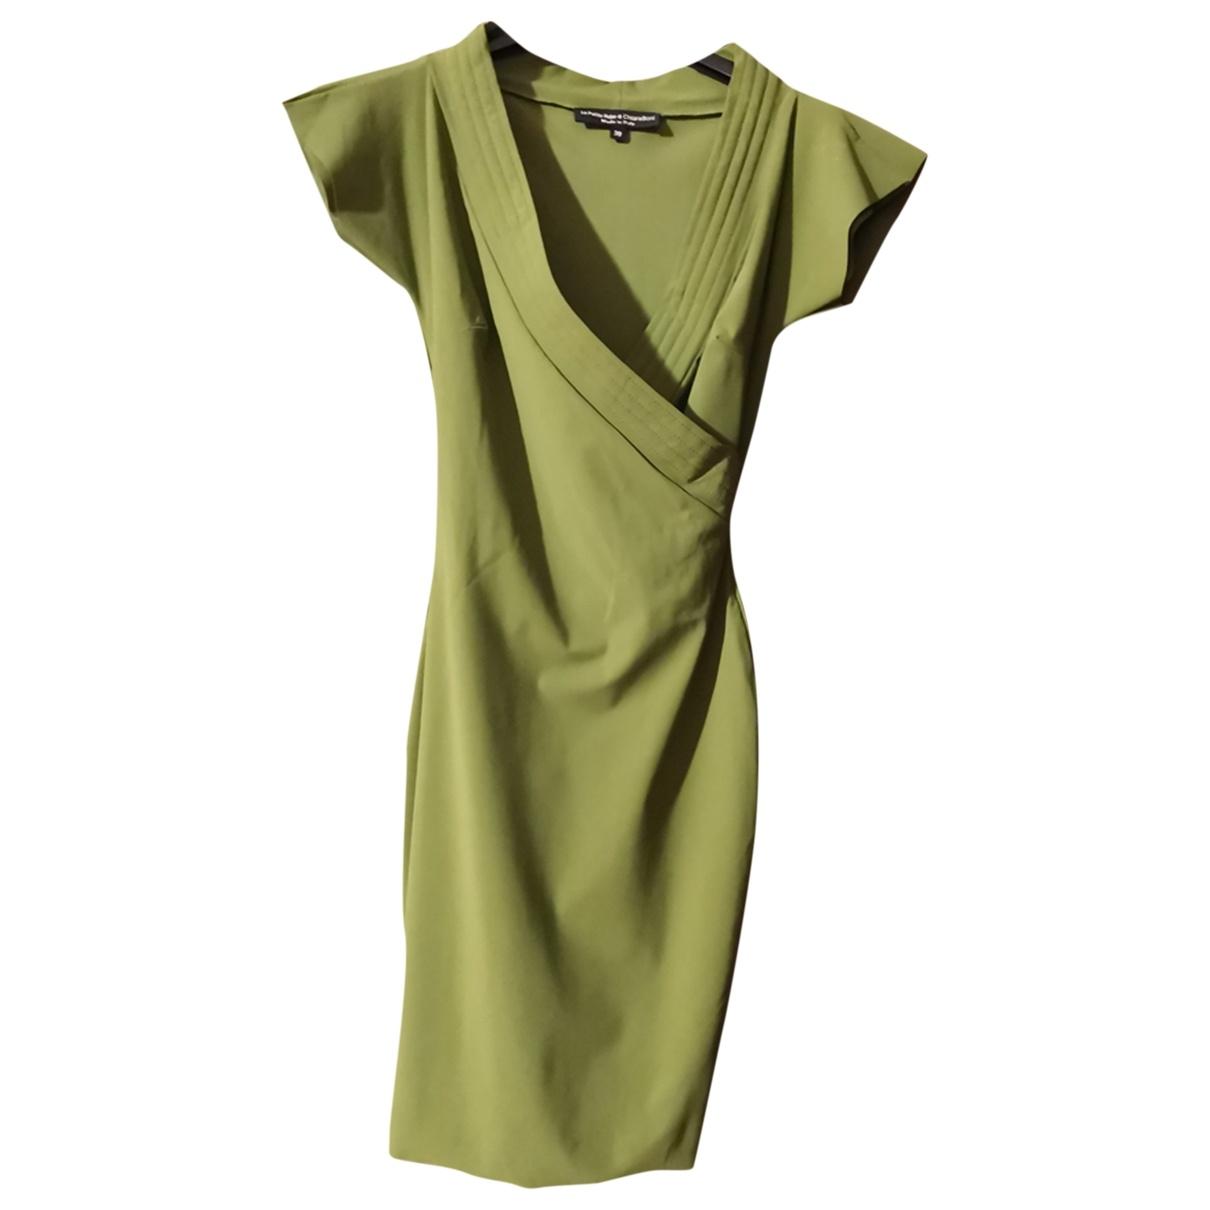 Chiara Boni \N Green dress for Women 38 IT